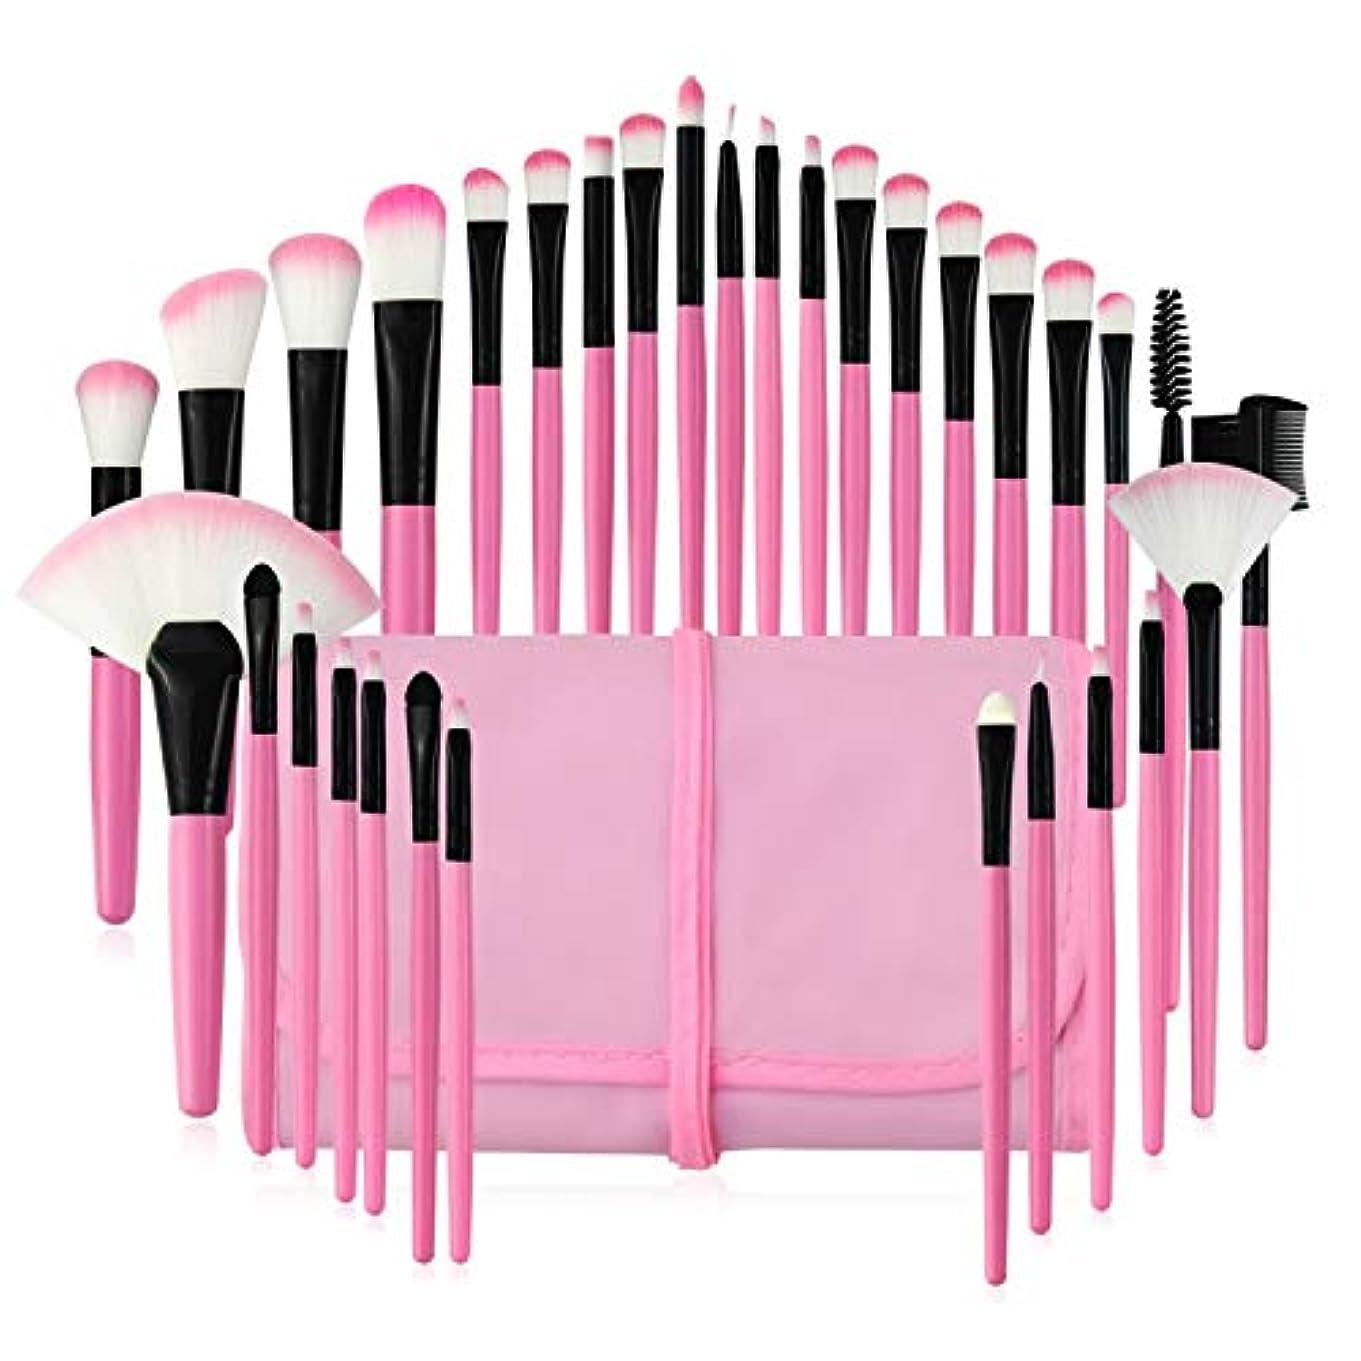 大量モナリザこんにちはメイクブラシ32本 セット フェイスブラシ 化粧筆 化粧ブラシ おしゃれ 超柔らかい 高級繊維毛 化粧ポーチ付き 高級タクロン 日常の化粧 集まる化粧(ピンク)